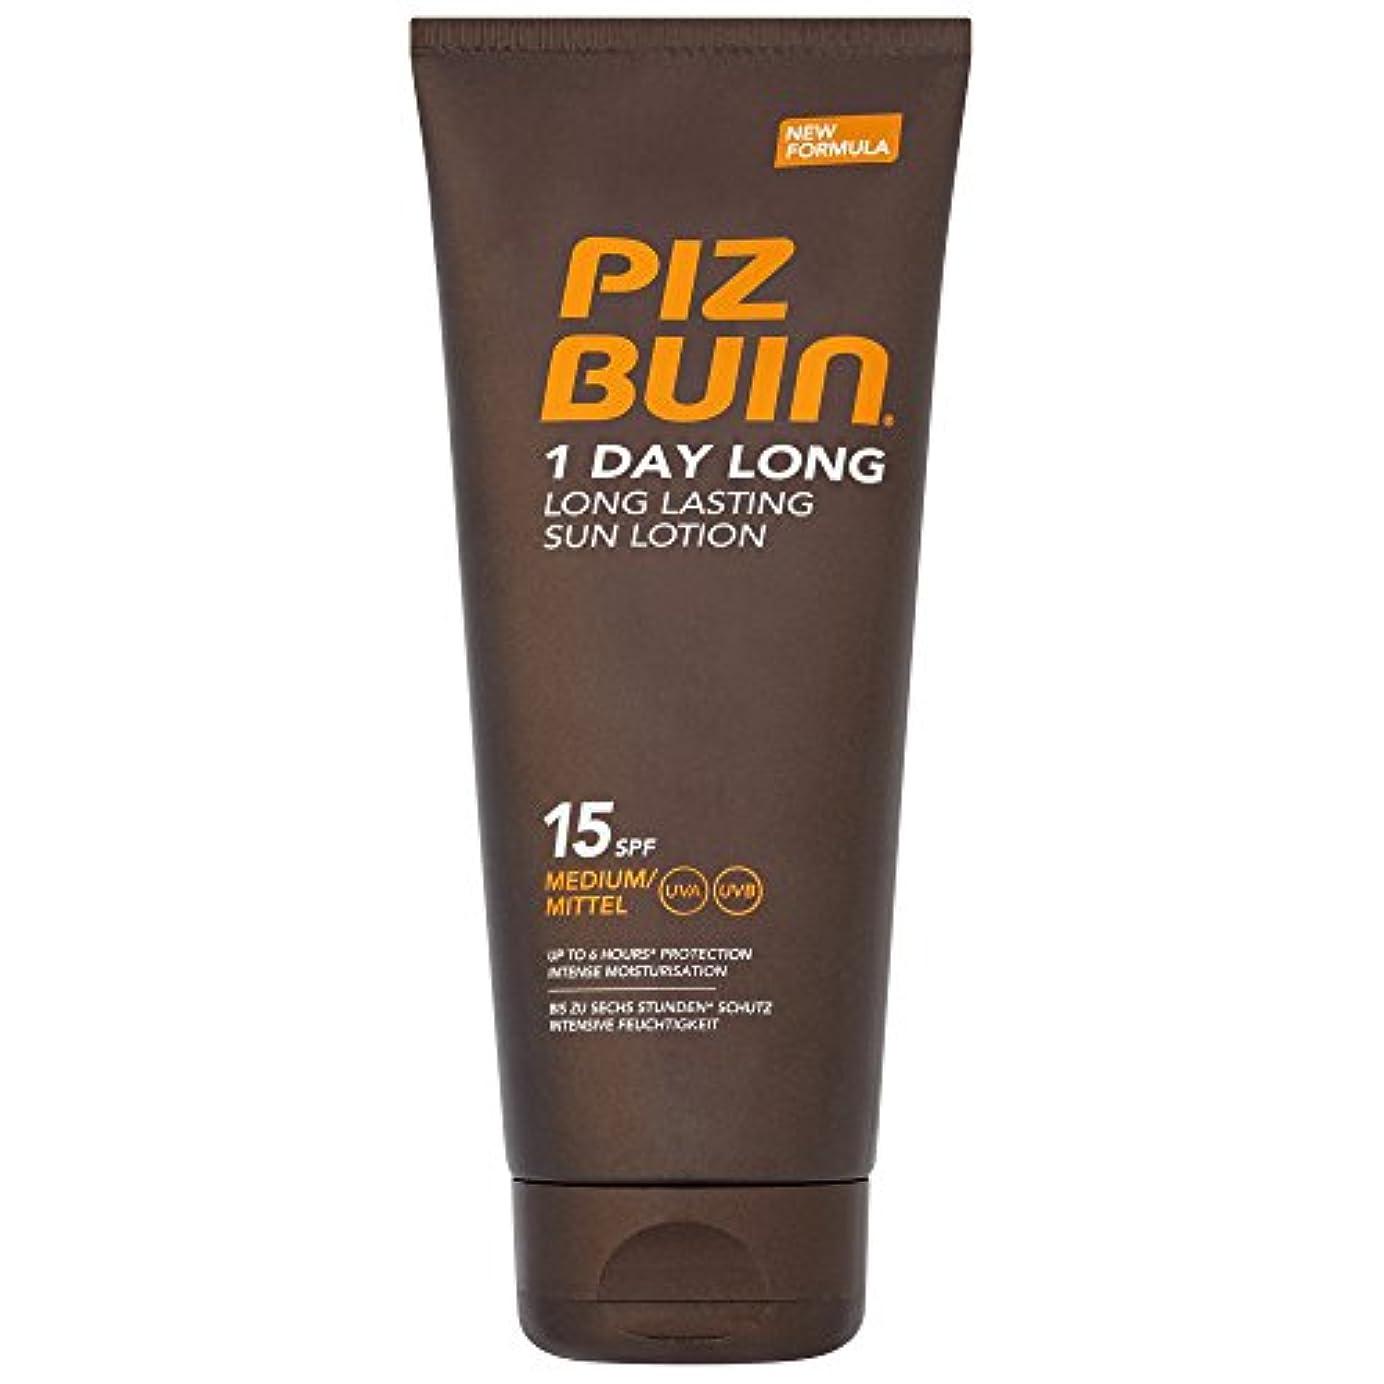 駅発生所持ピッツブーインの1日長い15の日焼けローション200 x2 - Piz Buin 1 Day Long SPF15 Sun Lotion 200ml (Pack of 2) [並行輸入品]